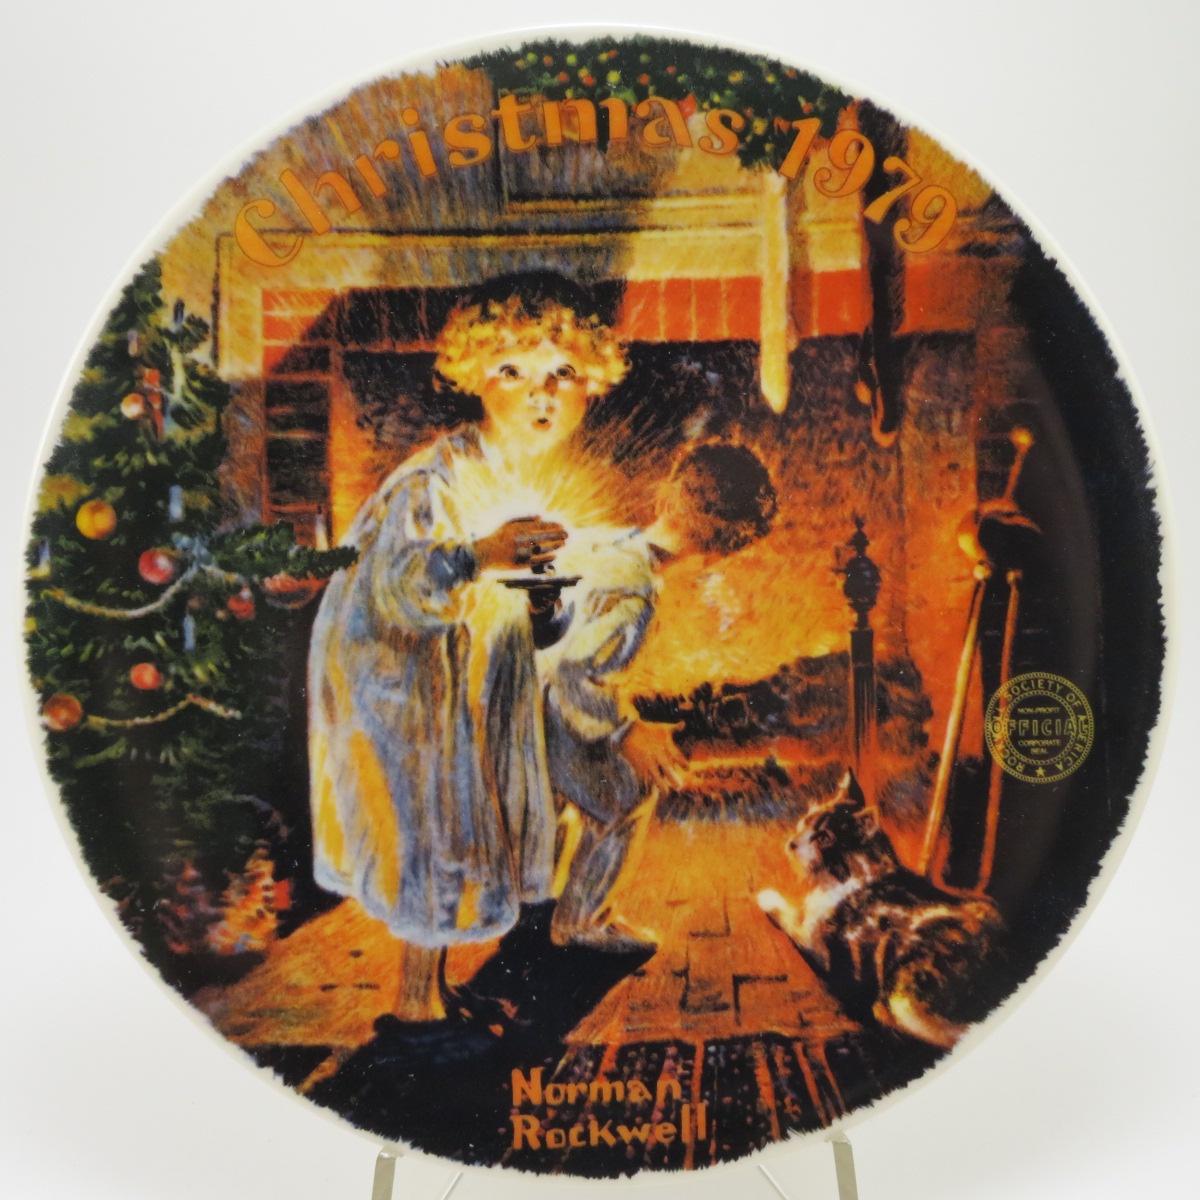 """Декоративная тарелка Edwin M.Knowles China Company """"Новогодняя серия: Рождество 1979 -Там кто-то есть"""". Фарфор, деколь. США,  Норман Роквелл, 1979, Фарфор"""